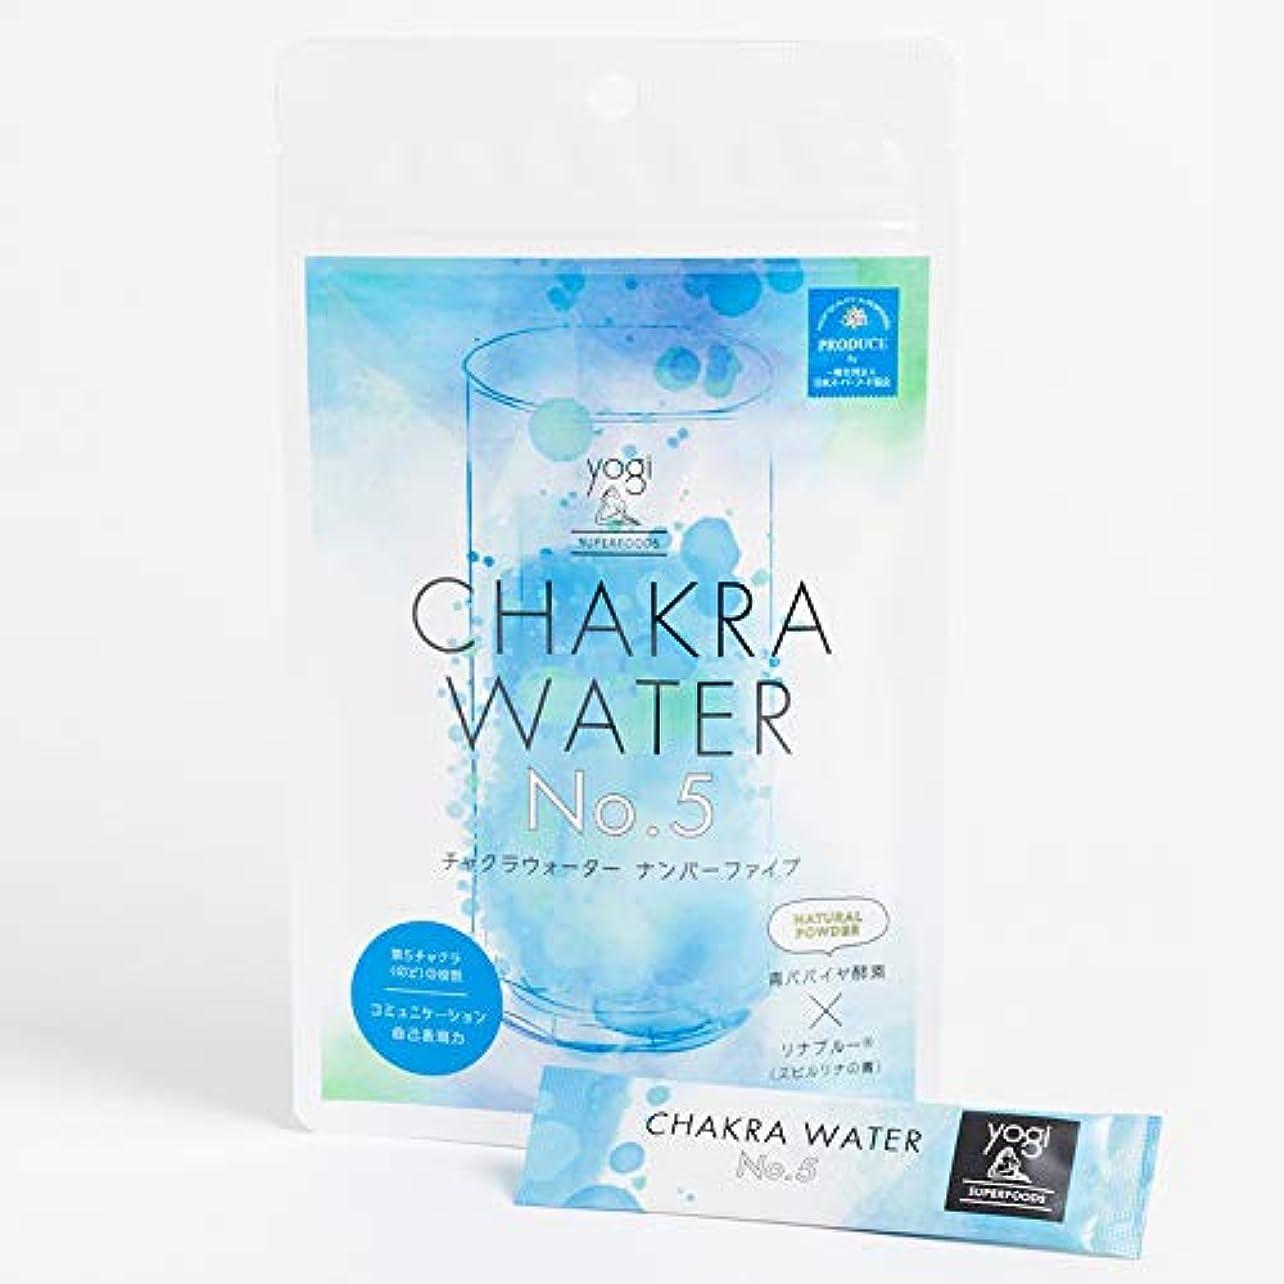 ドキュメンタリーカウンタ認めるチャクラウォーター No.5 ヨガワークス 7袋入り 青パパイヤ酵素ドリンクパウダー yogaworks